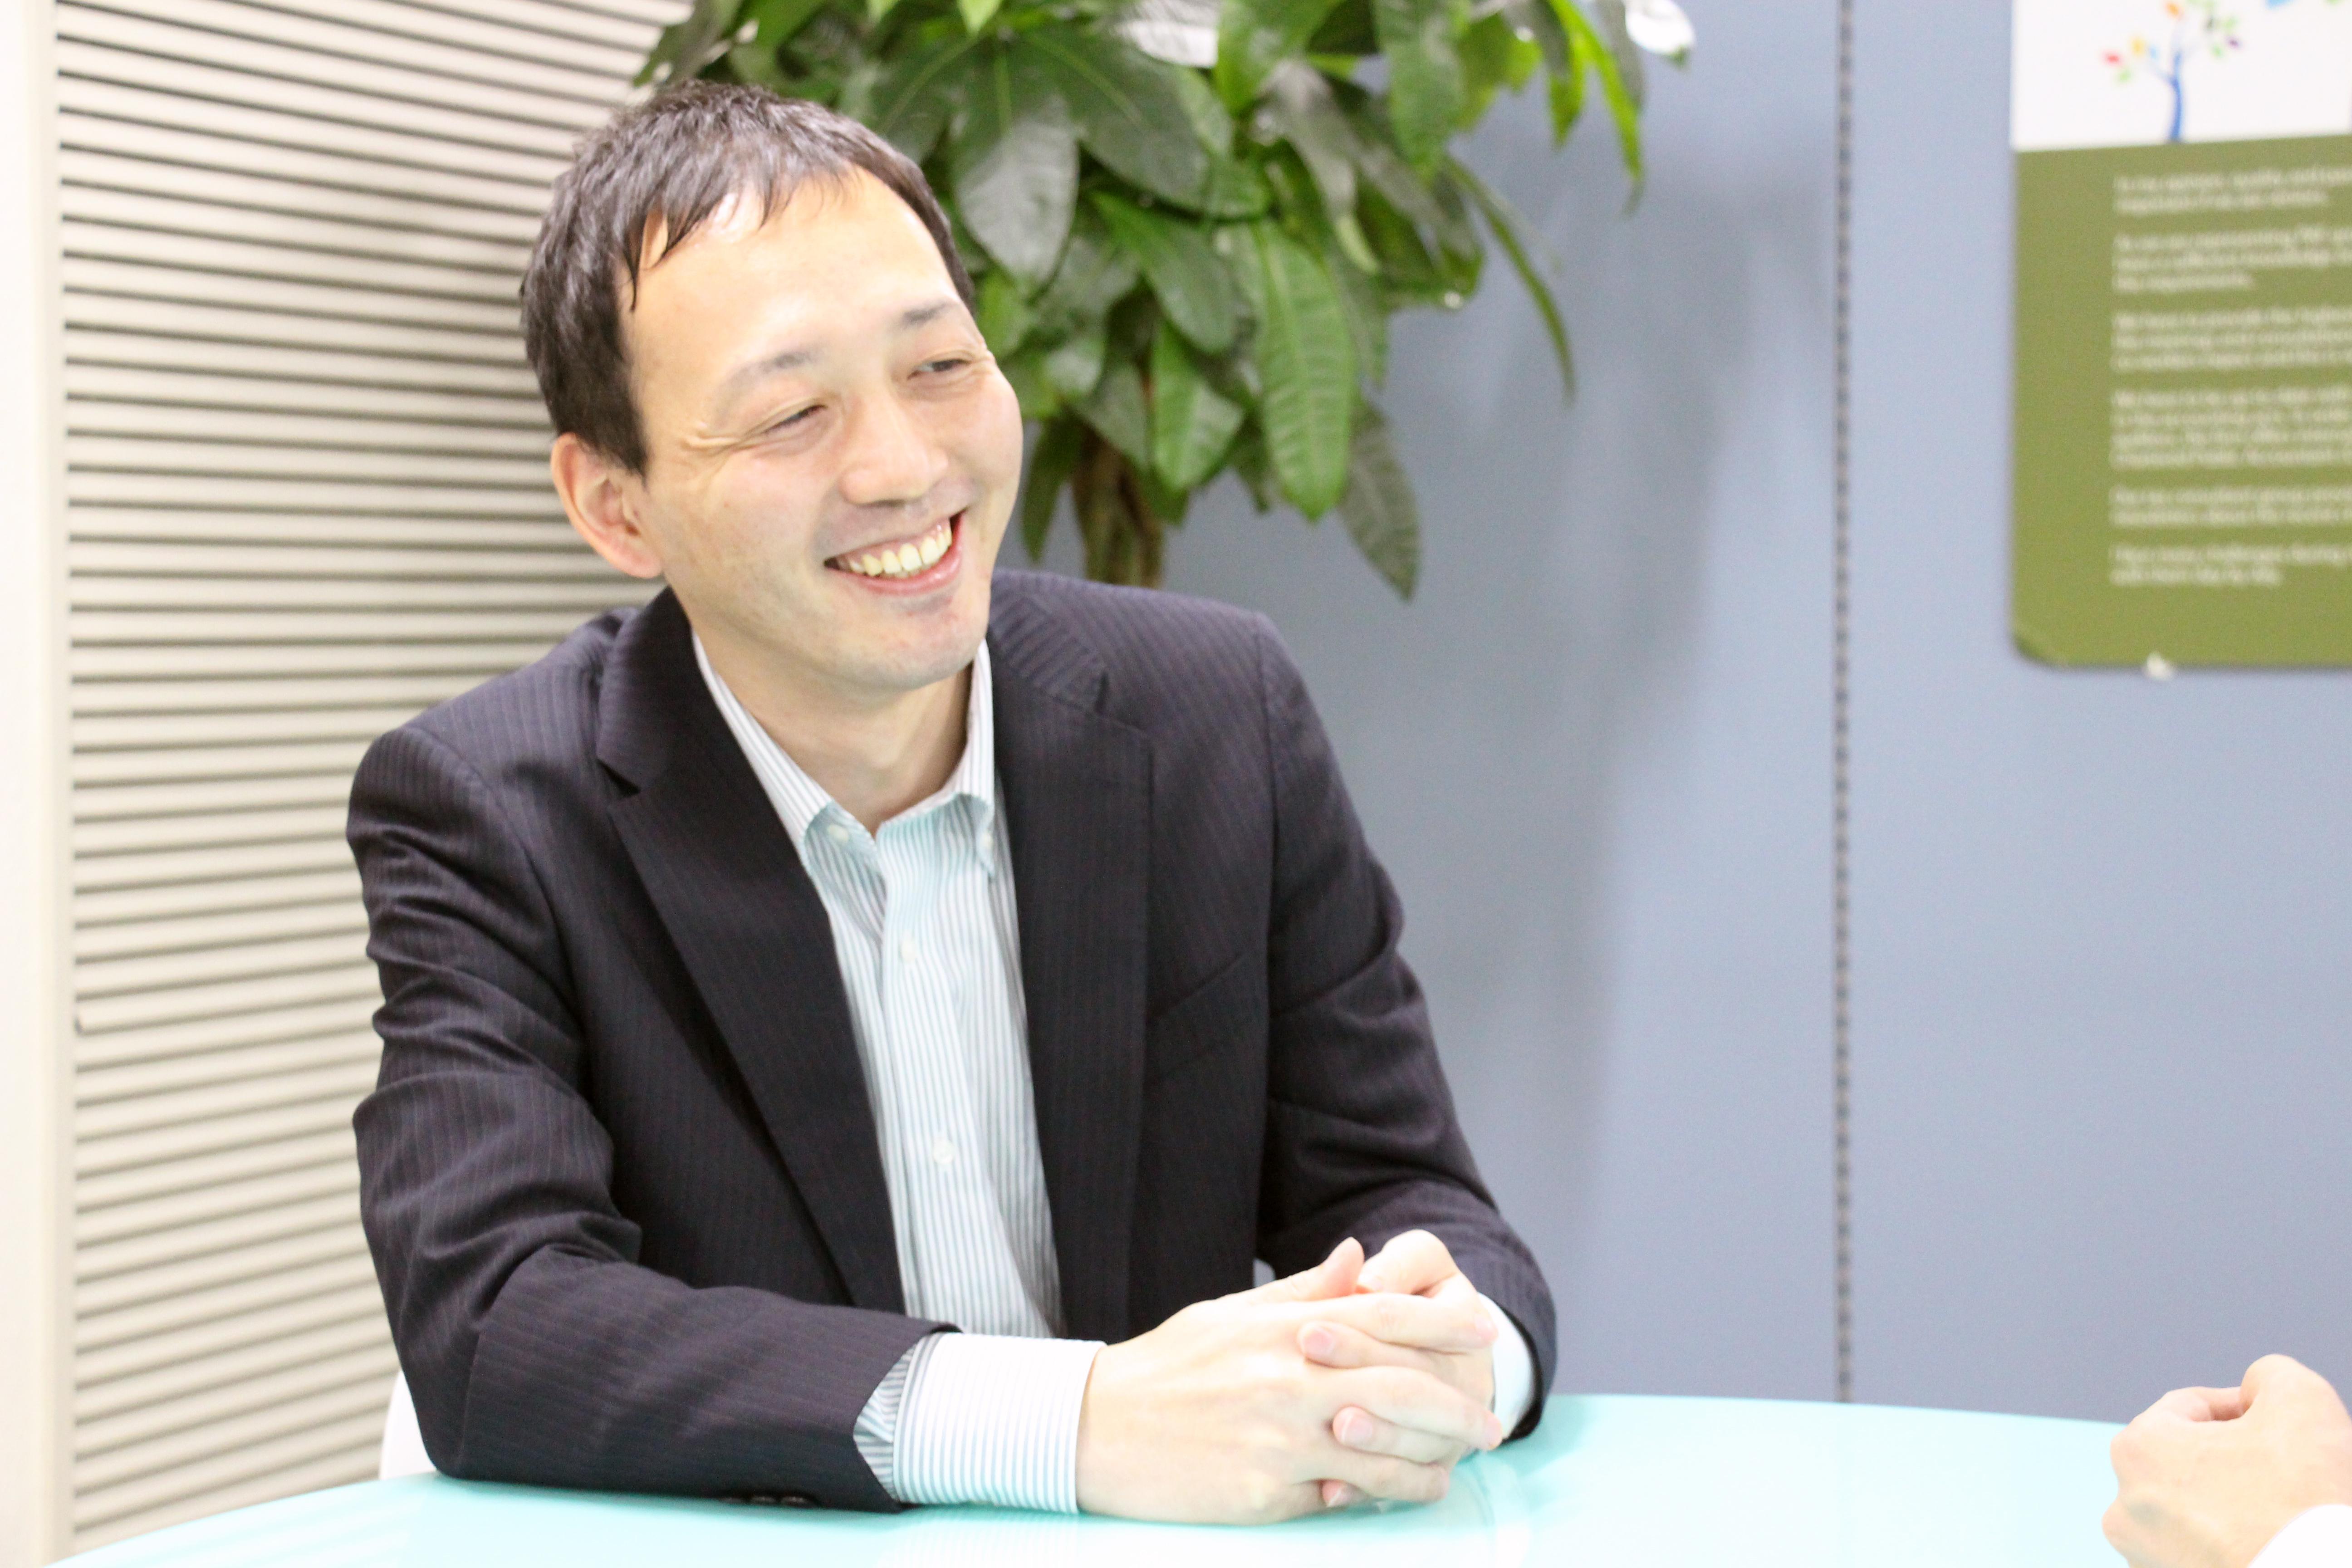 インタビュー:法務部AM宮崎・分野に限定されずに活躍できる